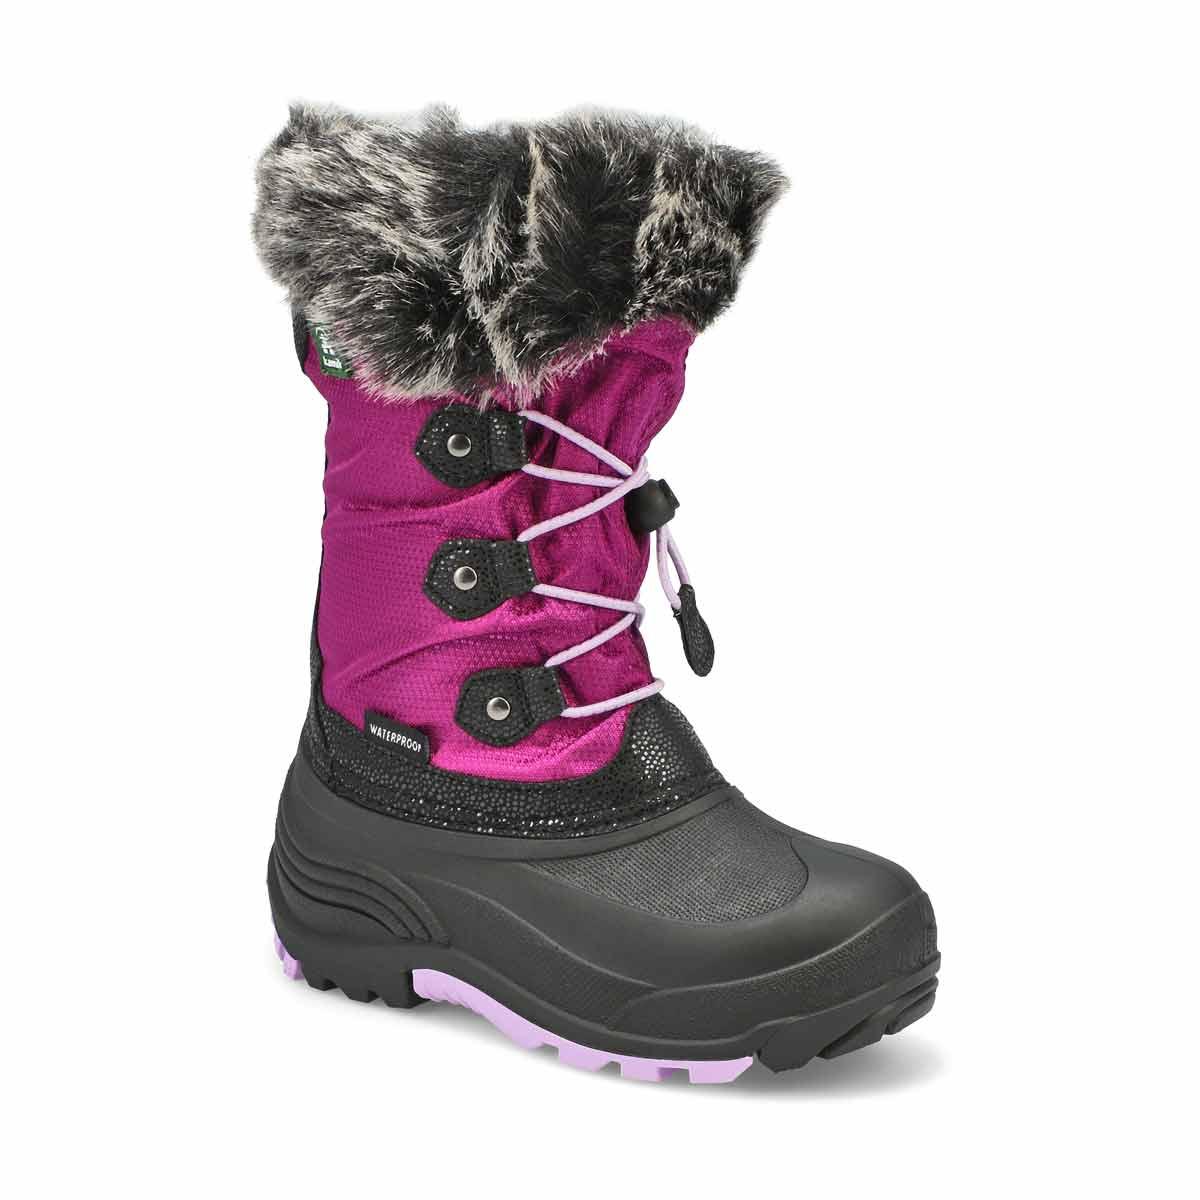 Grls Powdery2 grape wtpf winter boot